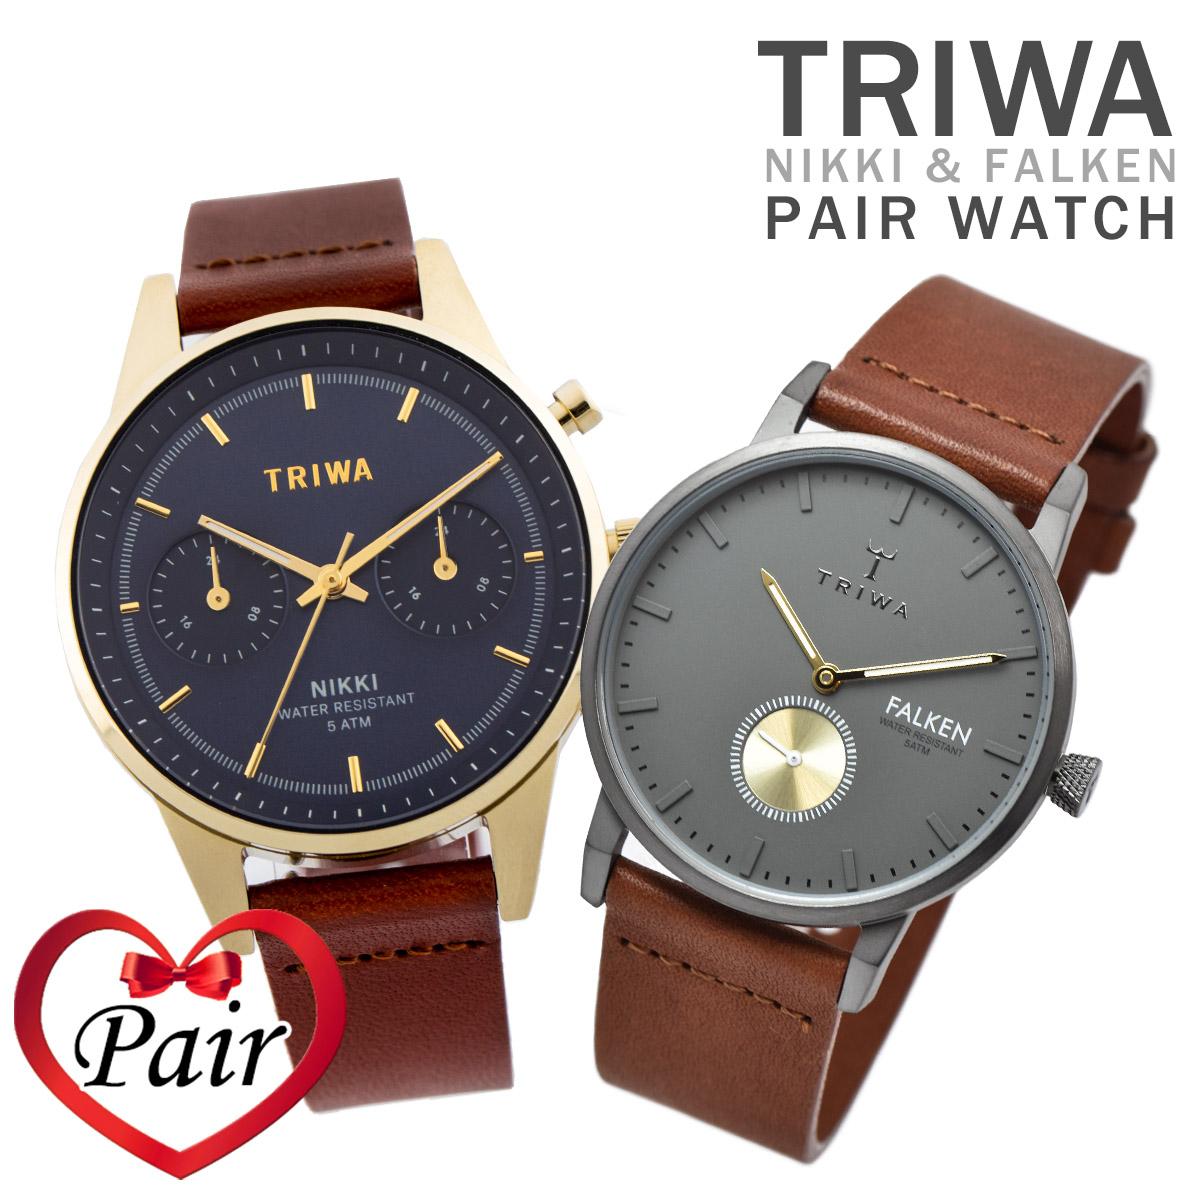 【全品送料無料】 【ペア価格】TRIWA トリワ NKST NEVIL FALKEN ペアウォッチ メンズ レディース プレゼント 時計 腕時計 NKST104-SS010217